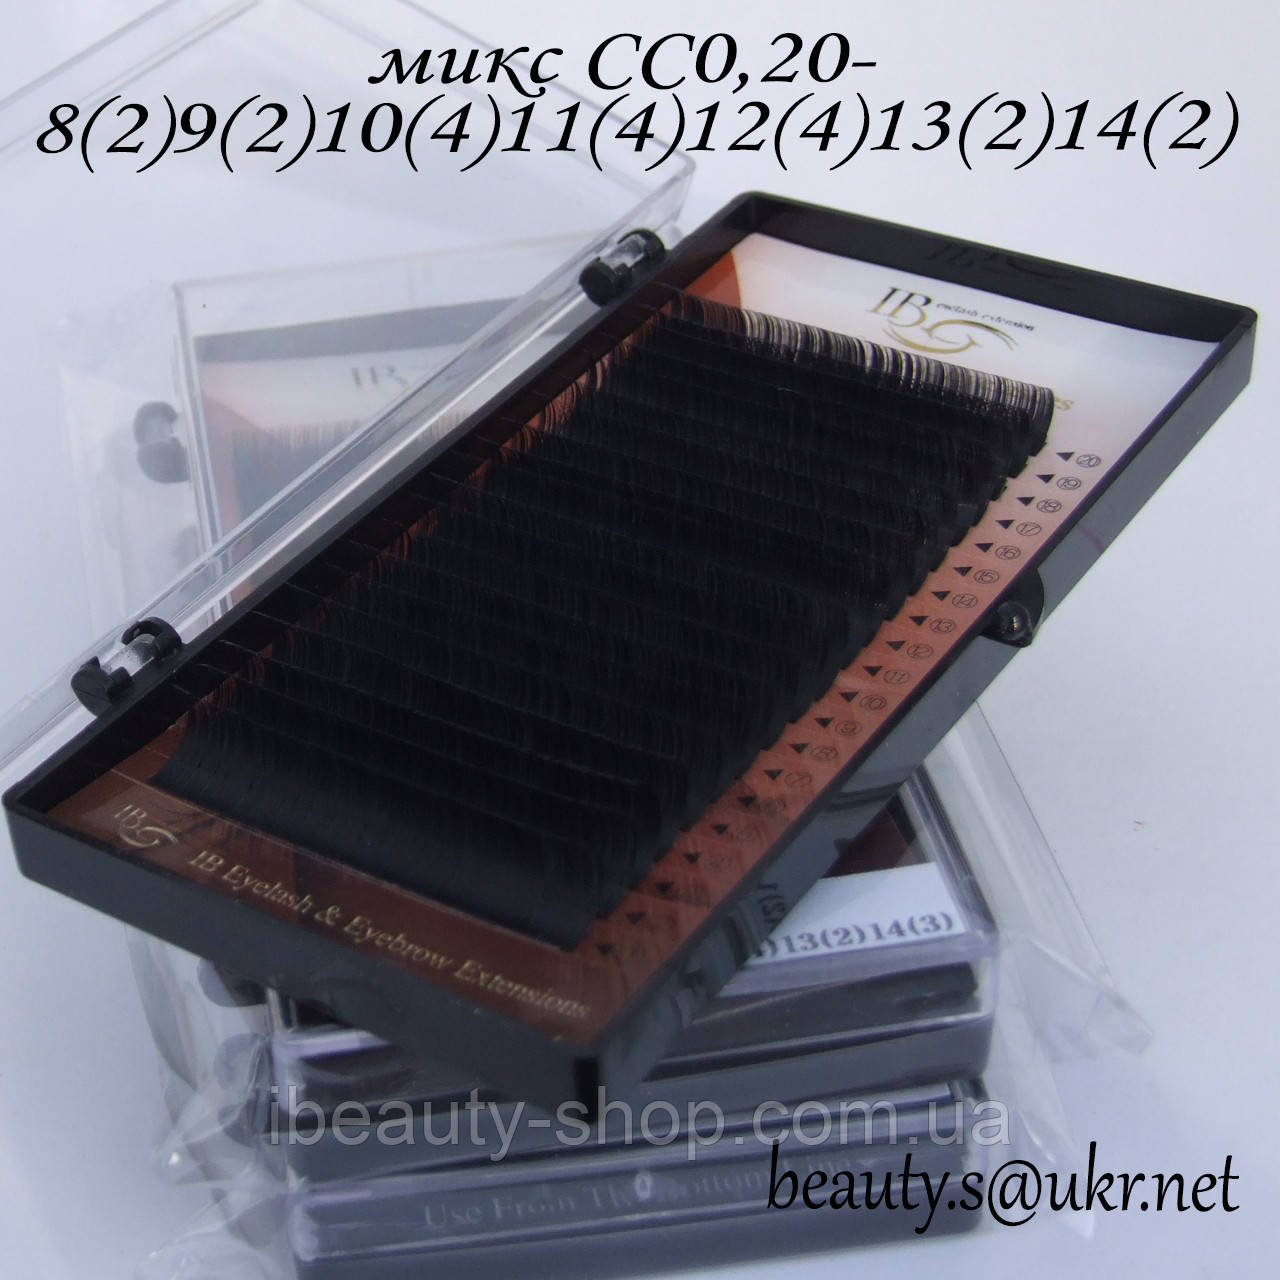 Ресницы I-Beauty микс СС-0,20 8-14мм